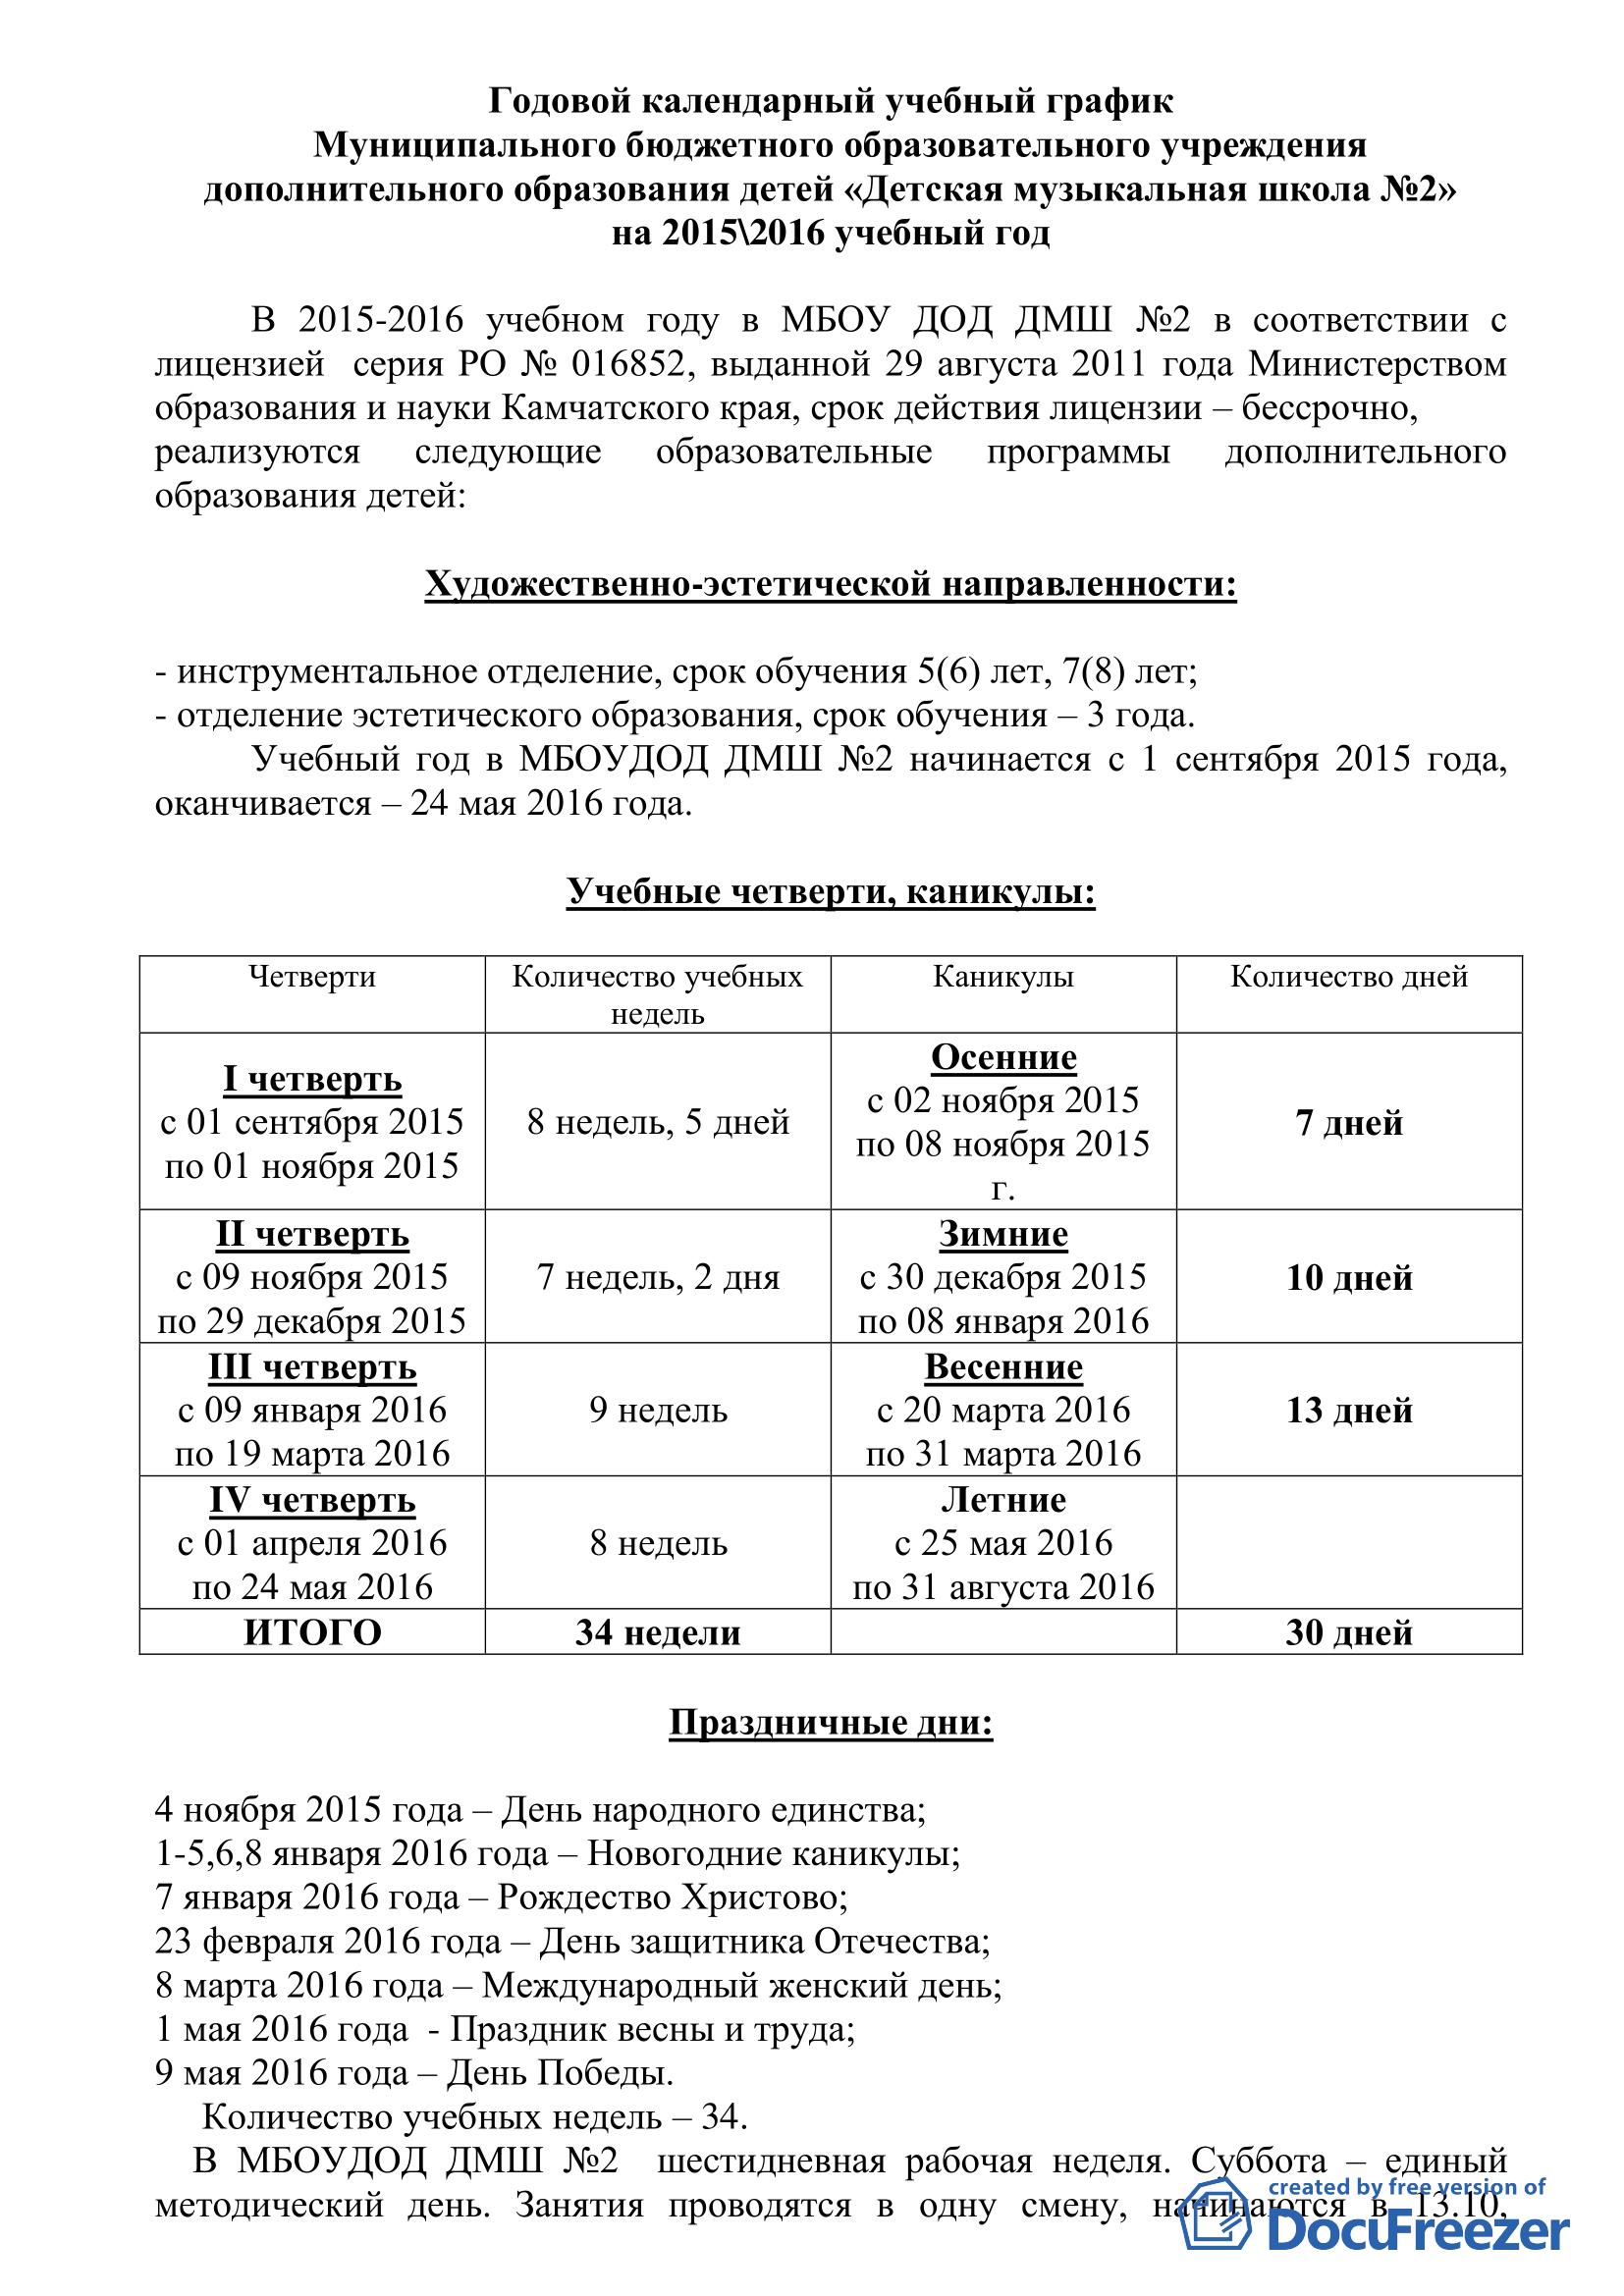 Годовой календарный график на 2015-2016 уч. г_2